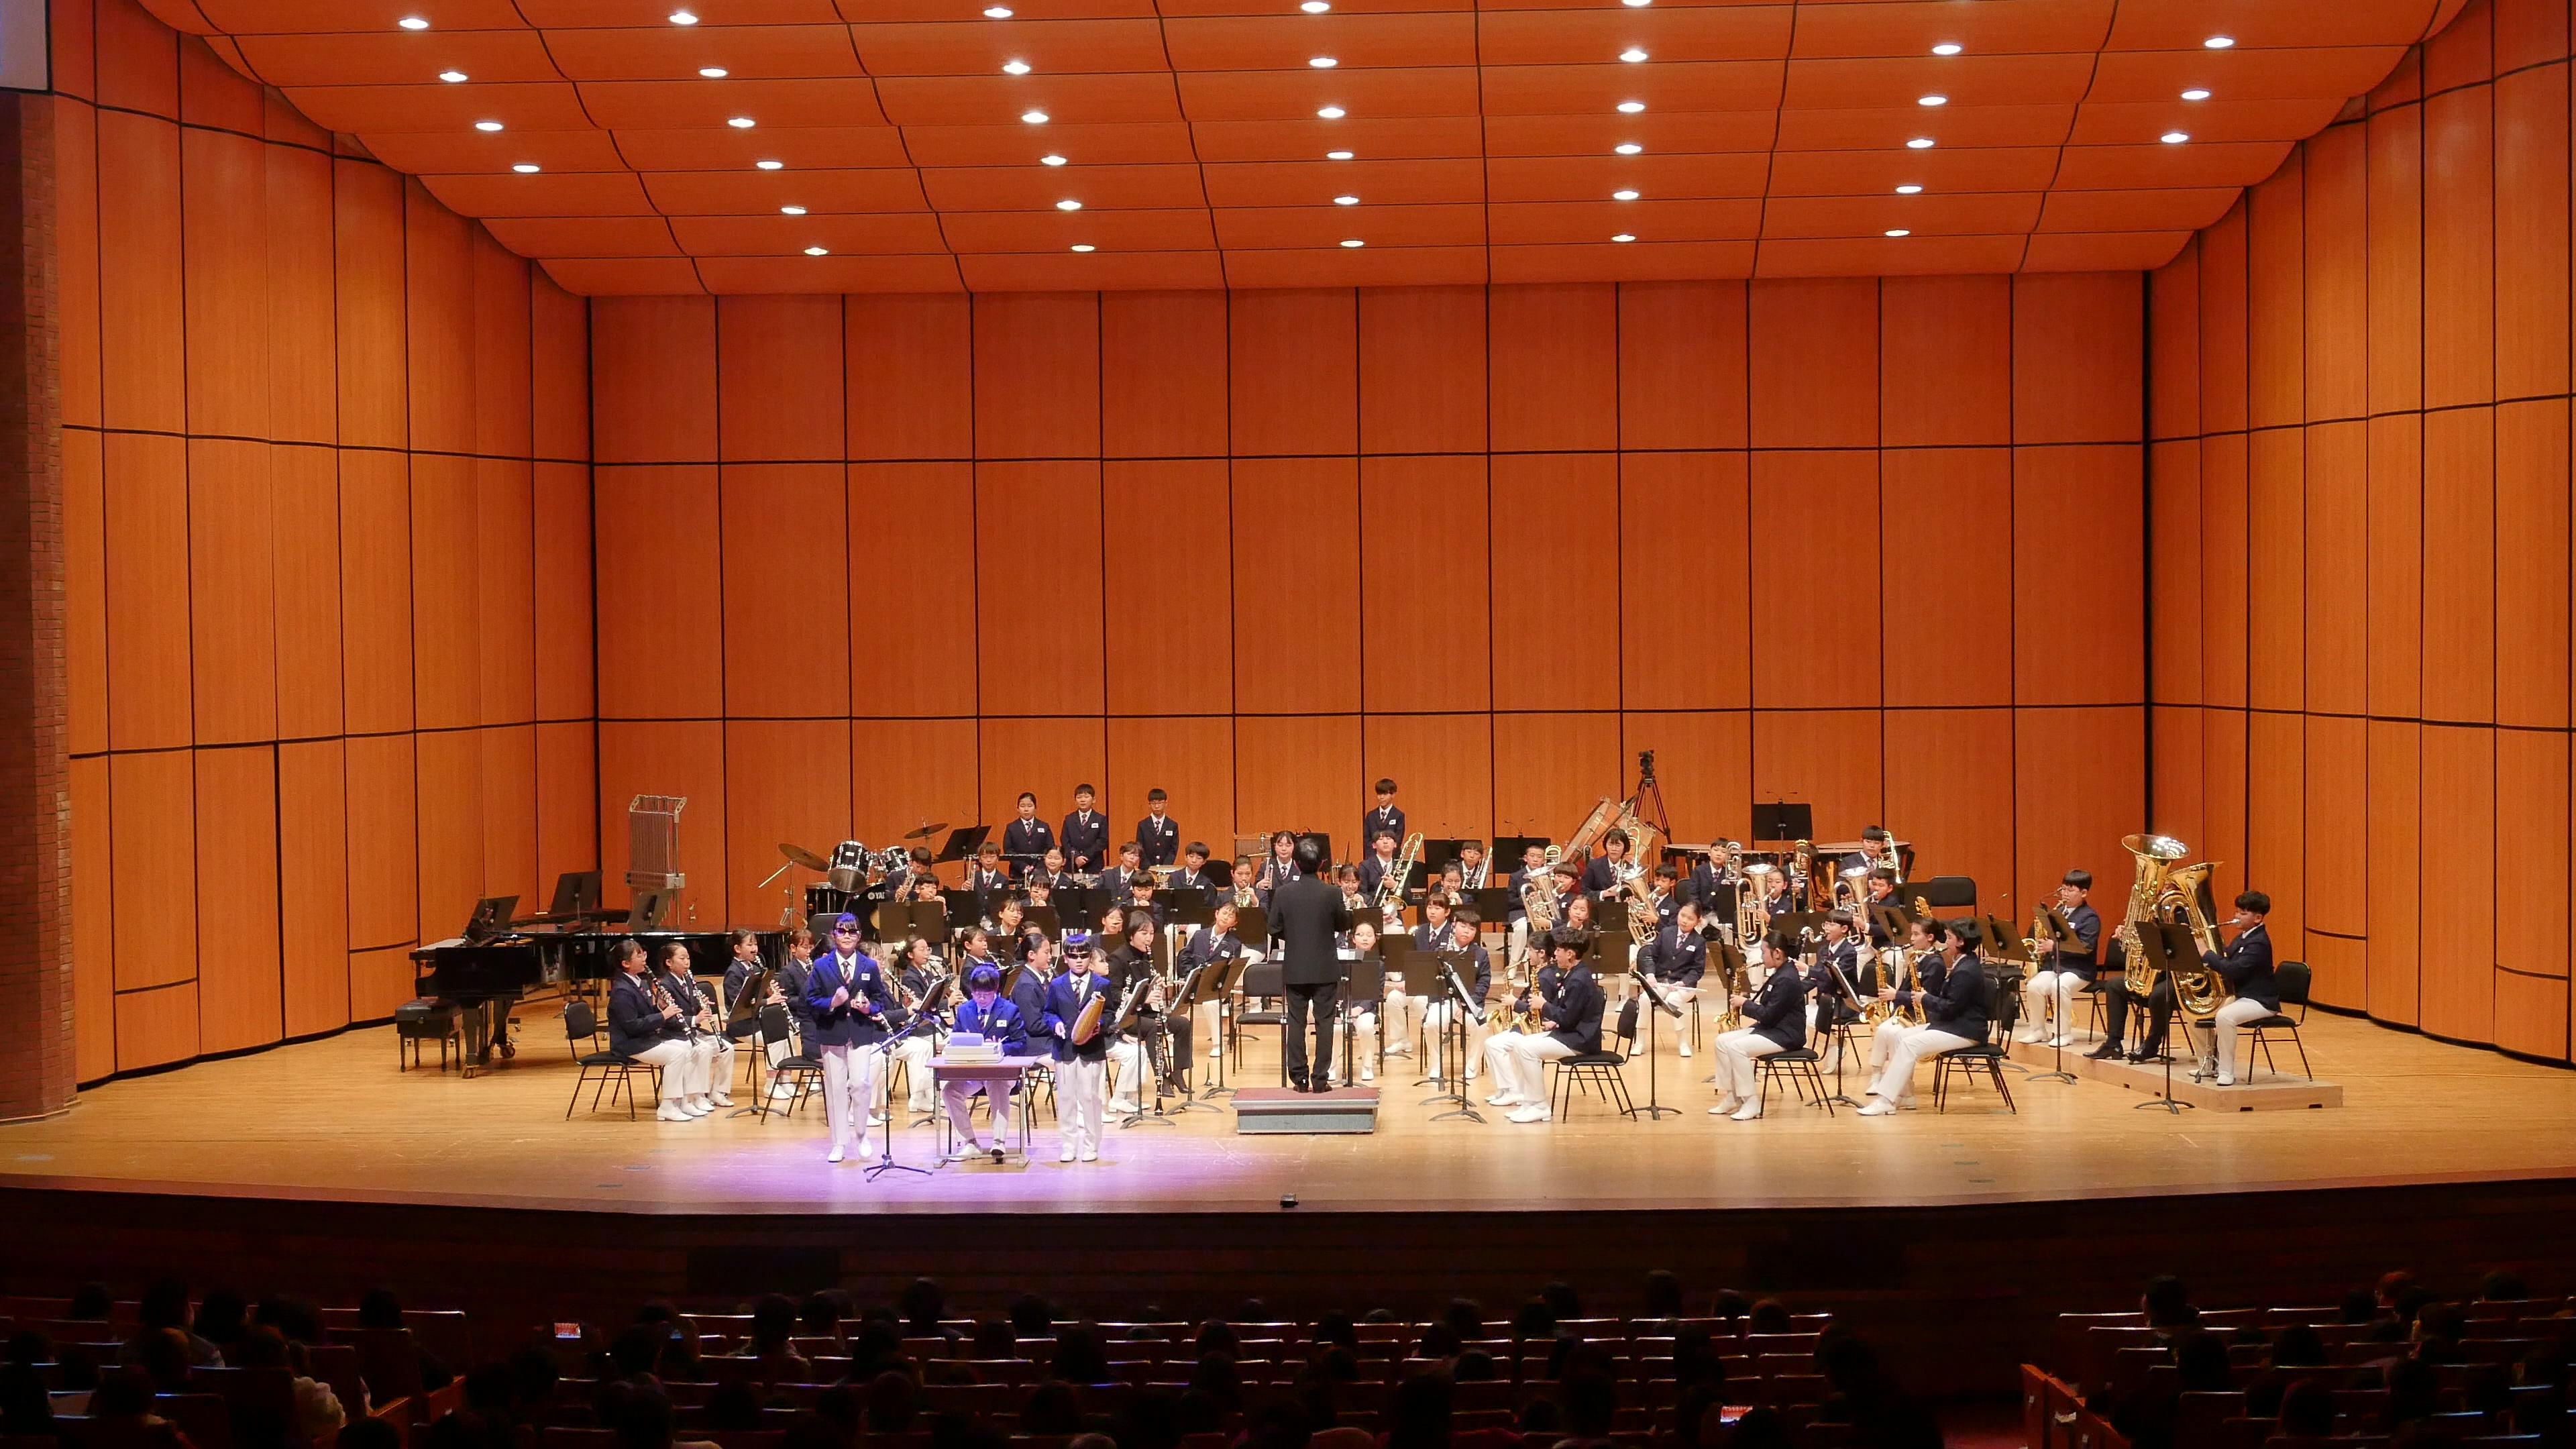 형일윈드오케스트라 제18회 정기연주회 14